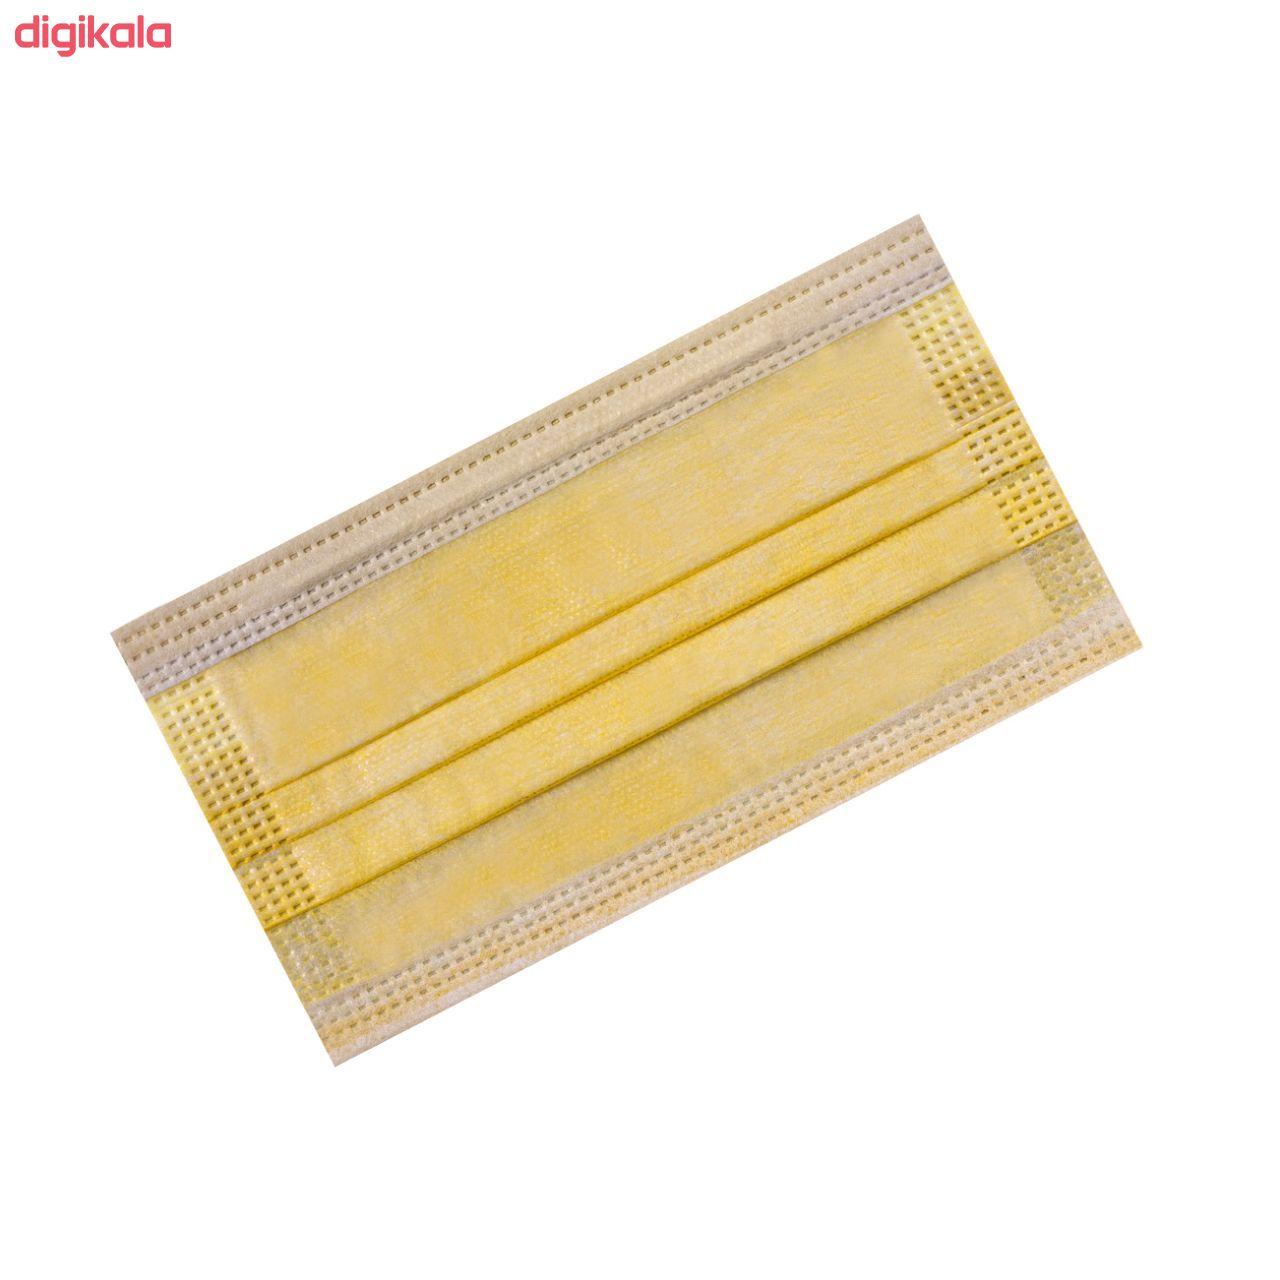 ماسک تنفسی انزانی مدل LY014 بسته 50 عددی main 1 2